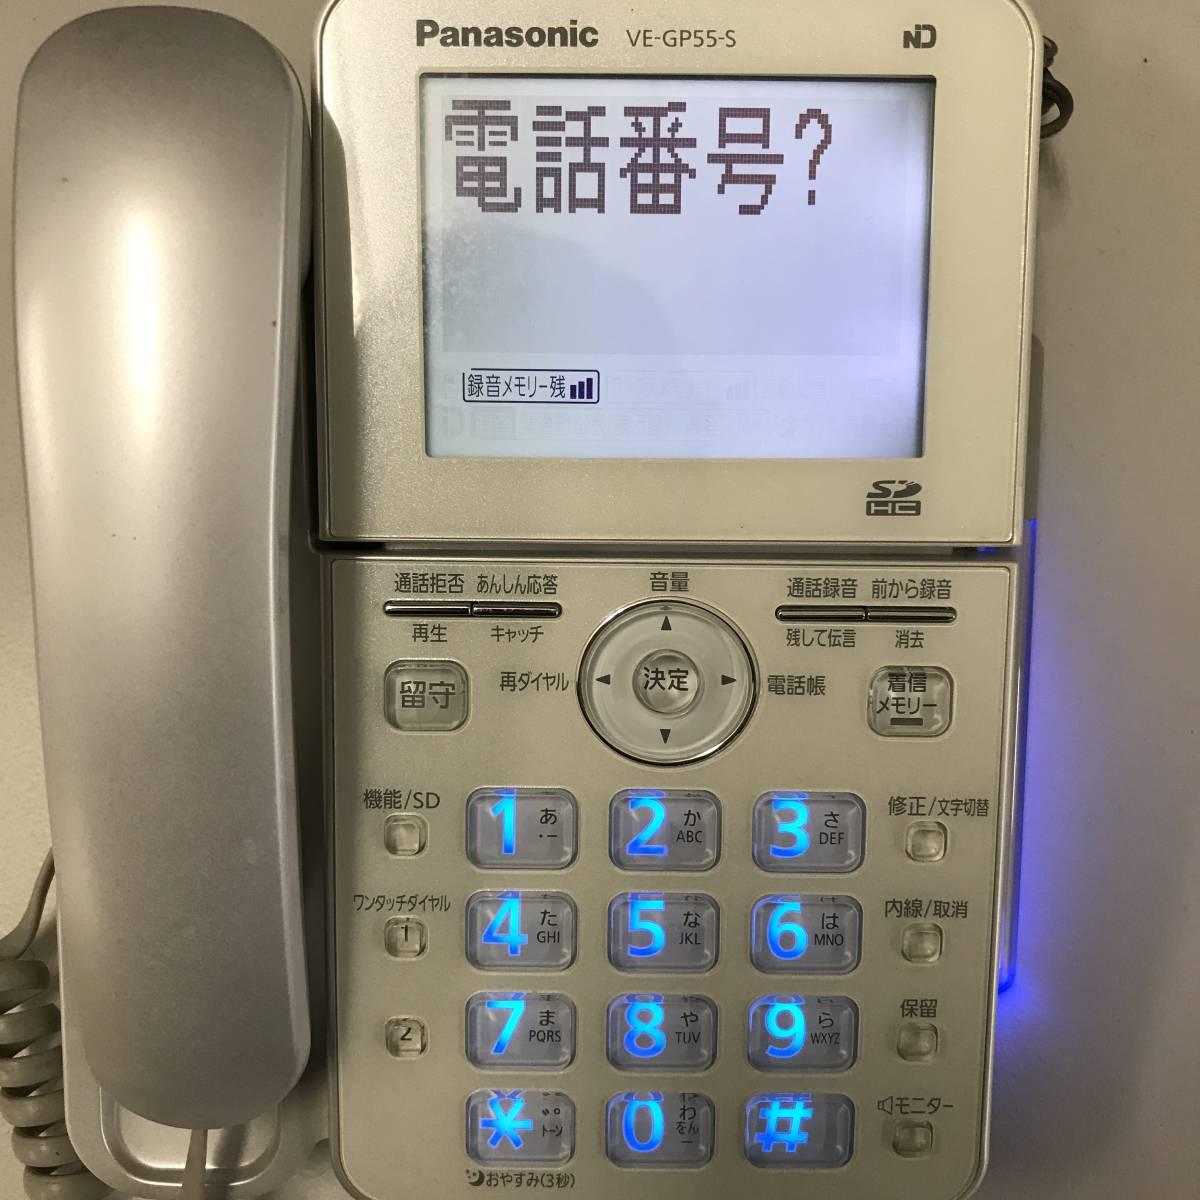 中古 Panasonic パナソニック電話機 親機 VE-GP55-S_画像2